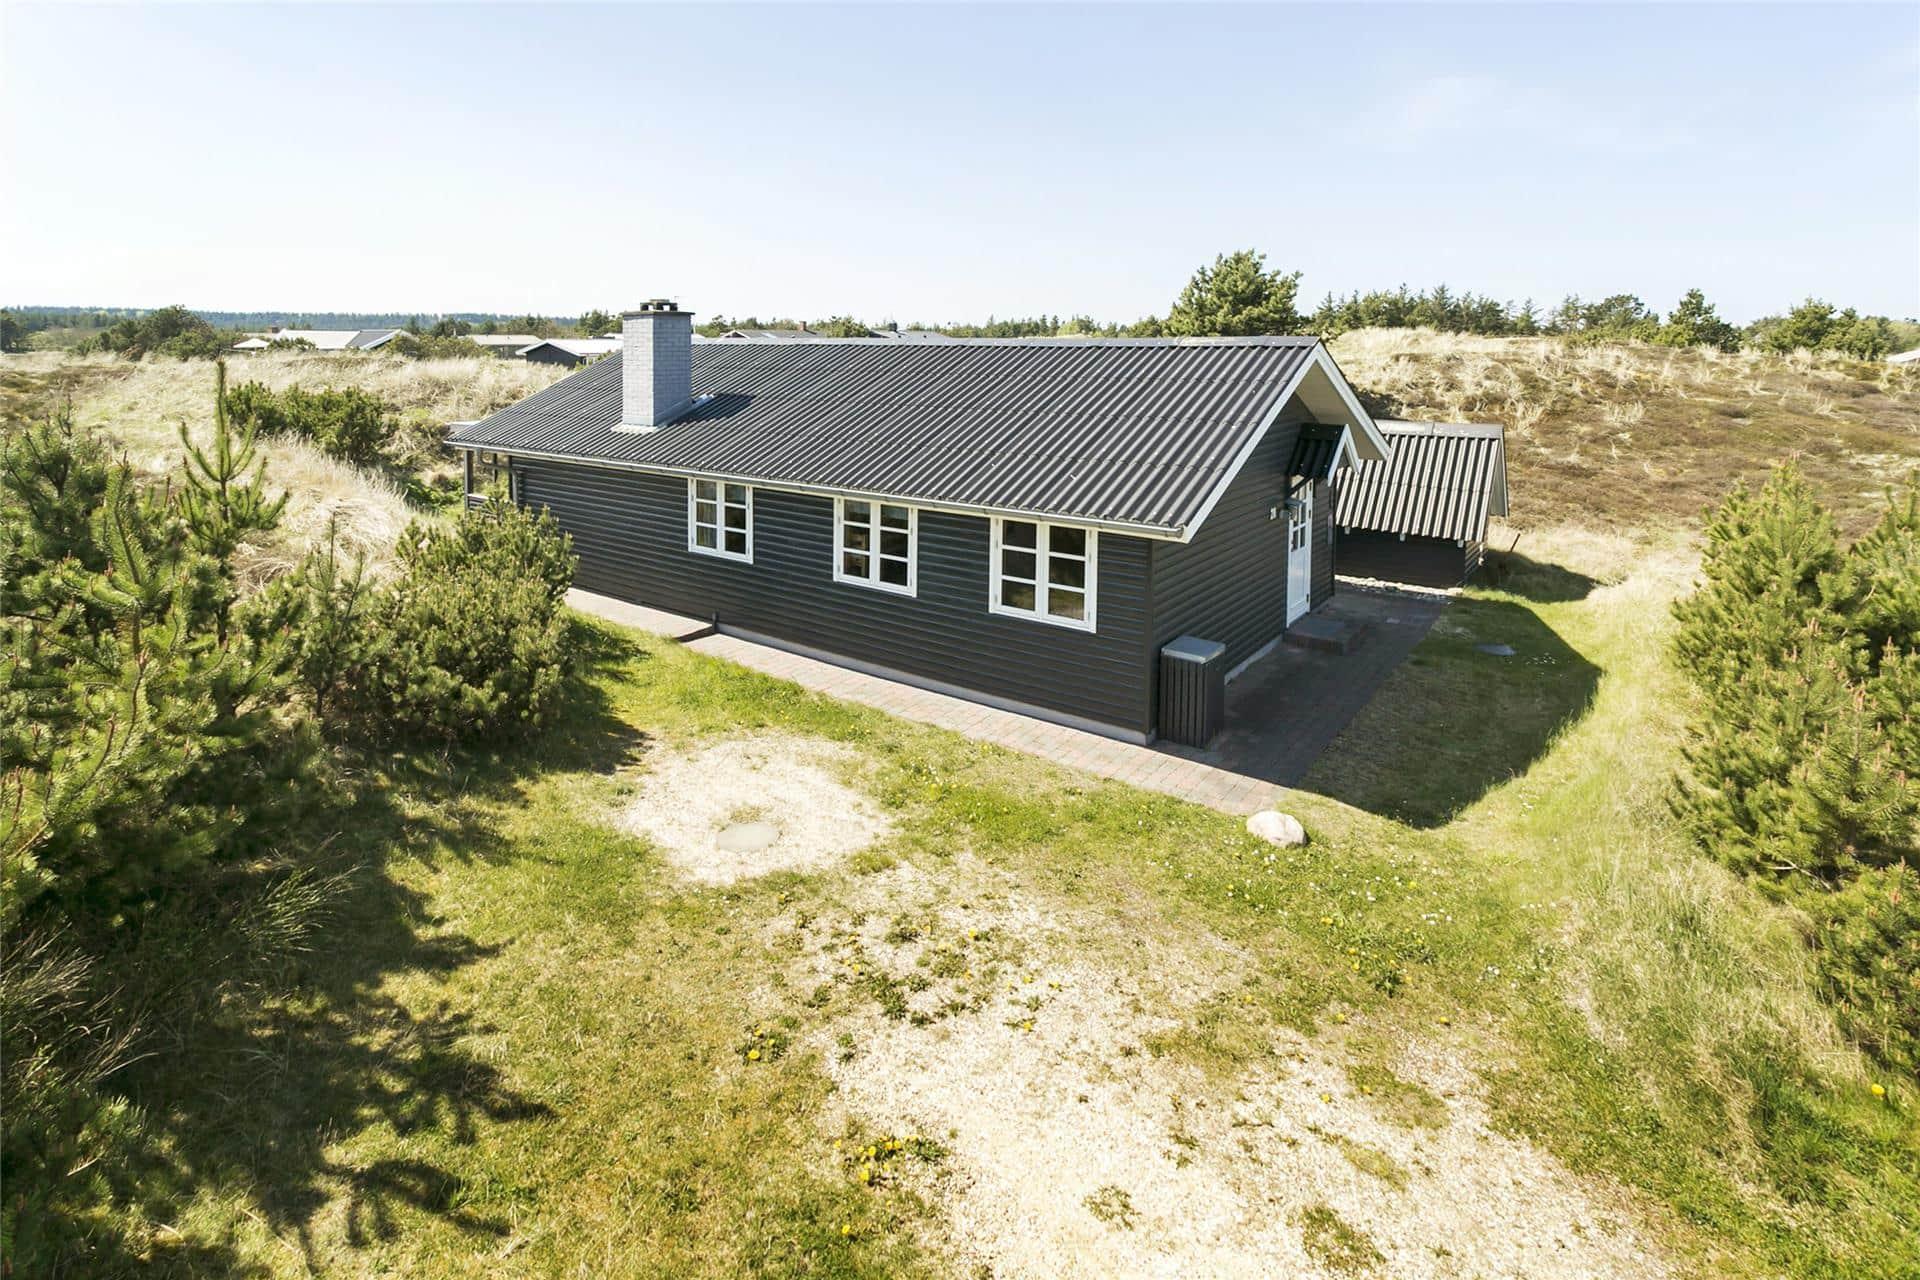 Billede 1-13 Sommerhus 930, Liusborg Sti 28, DK - 7700 Thisted